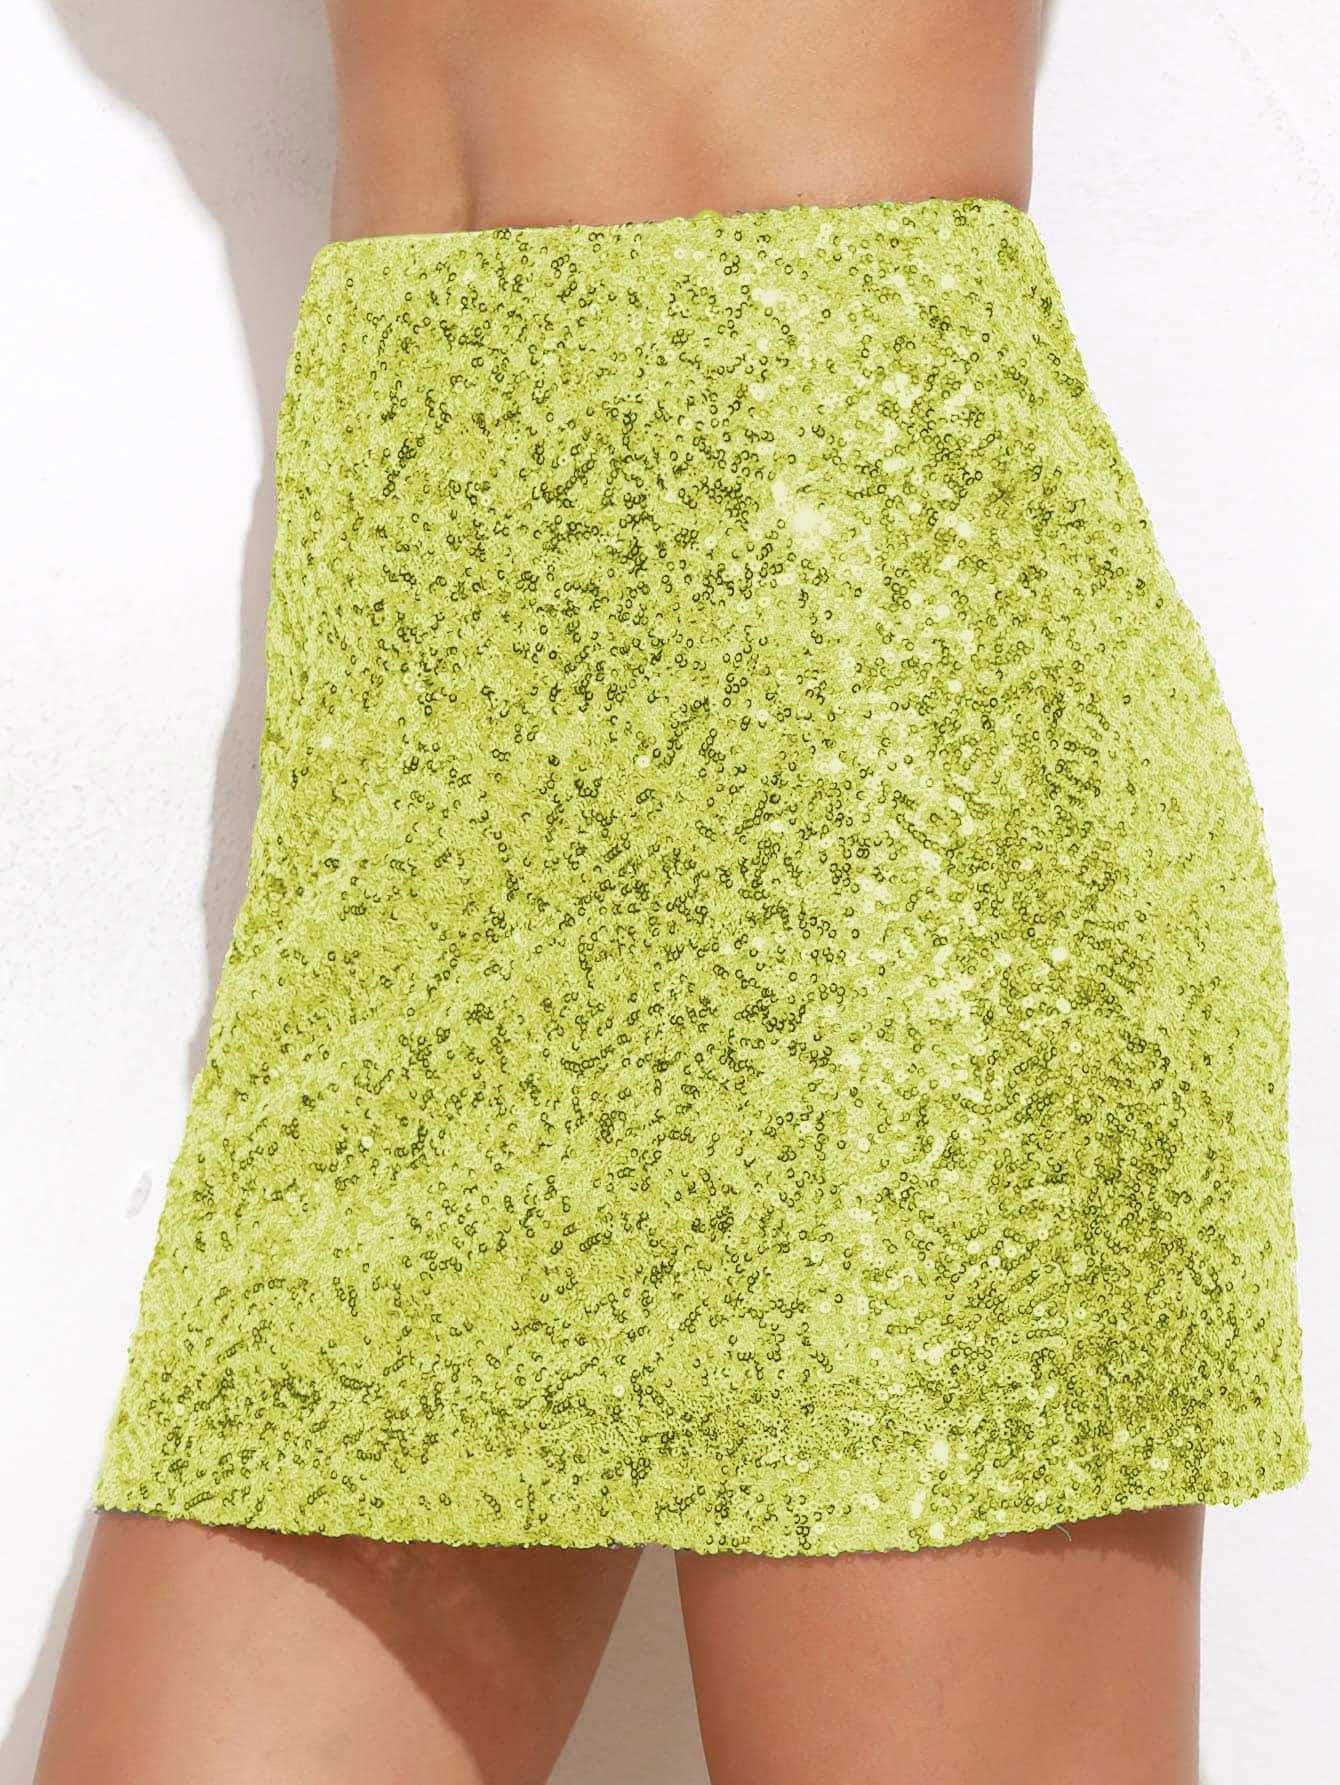 Неоновая зеленая юбка с блестками